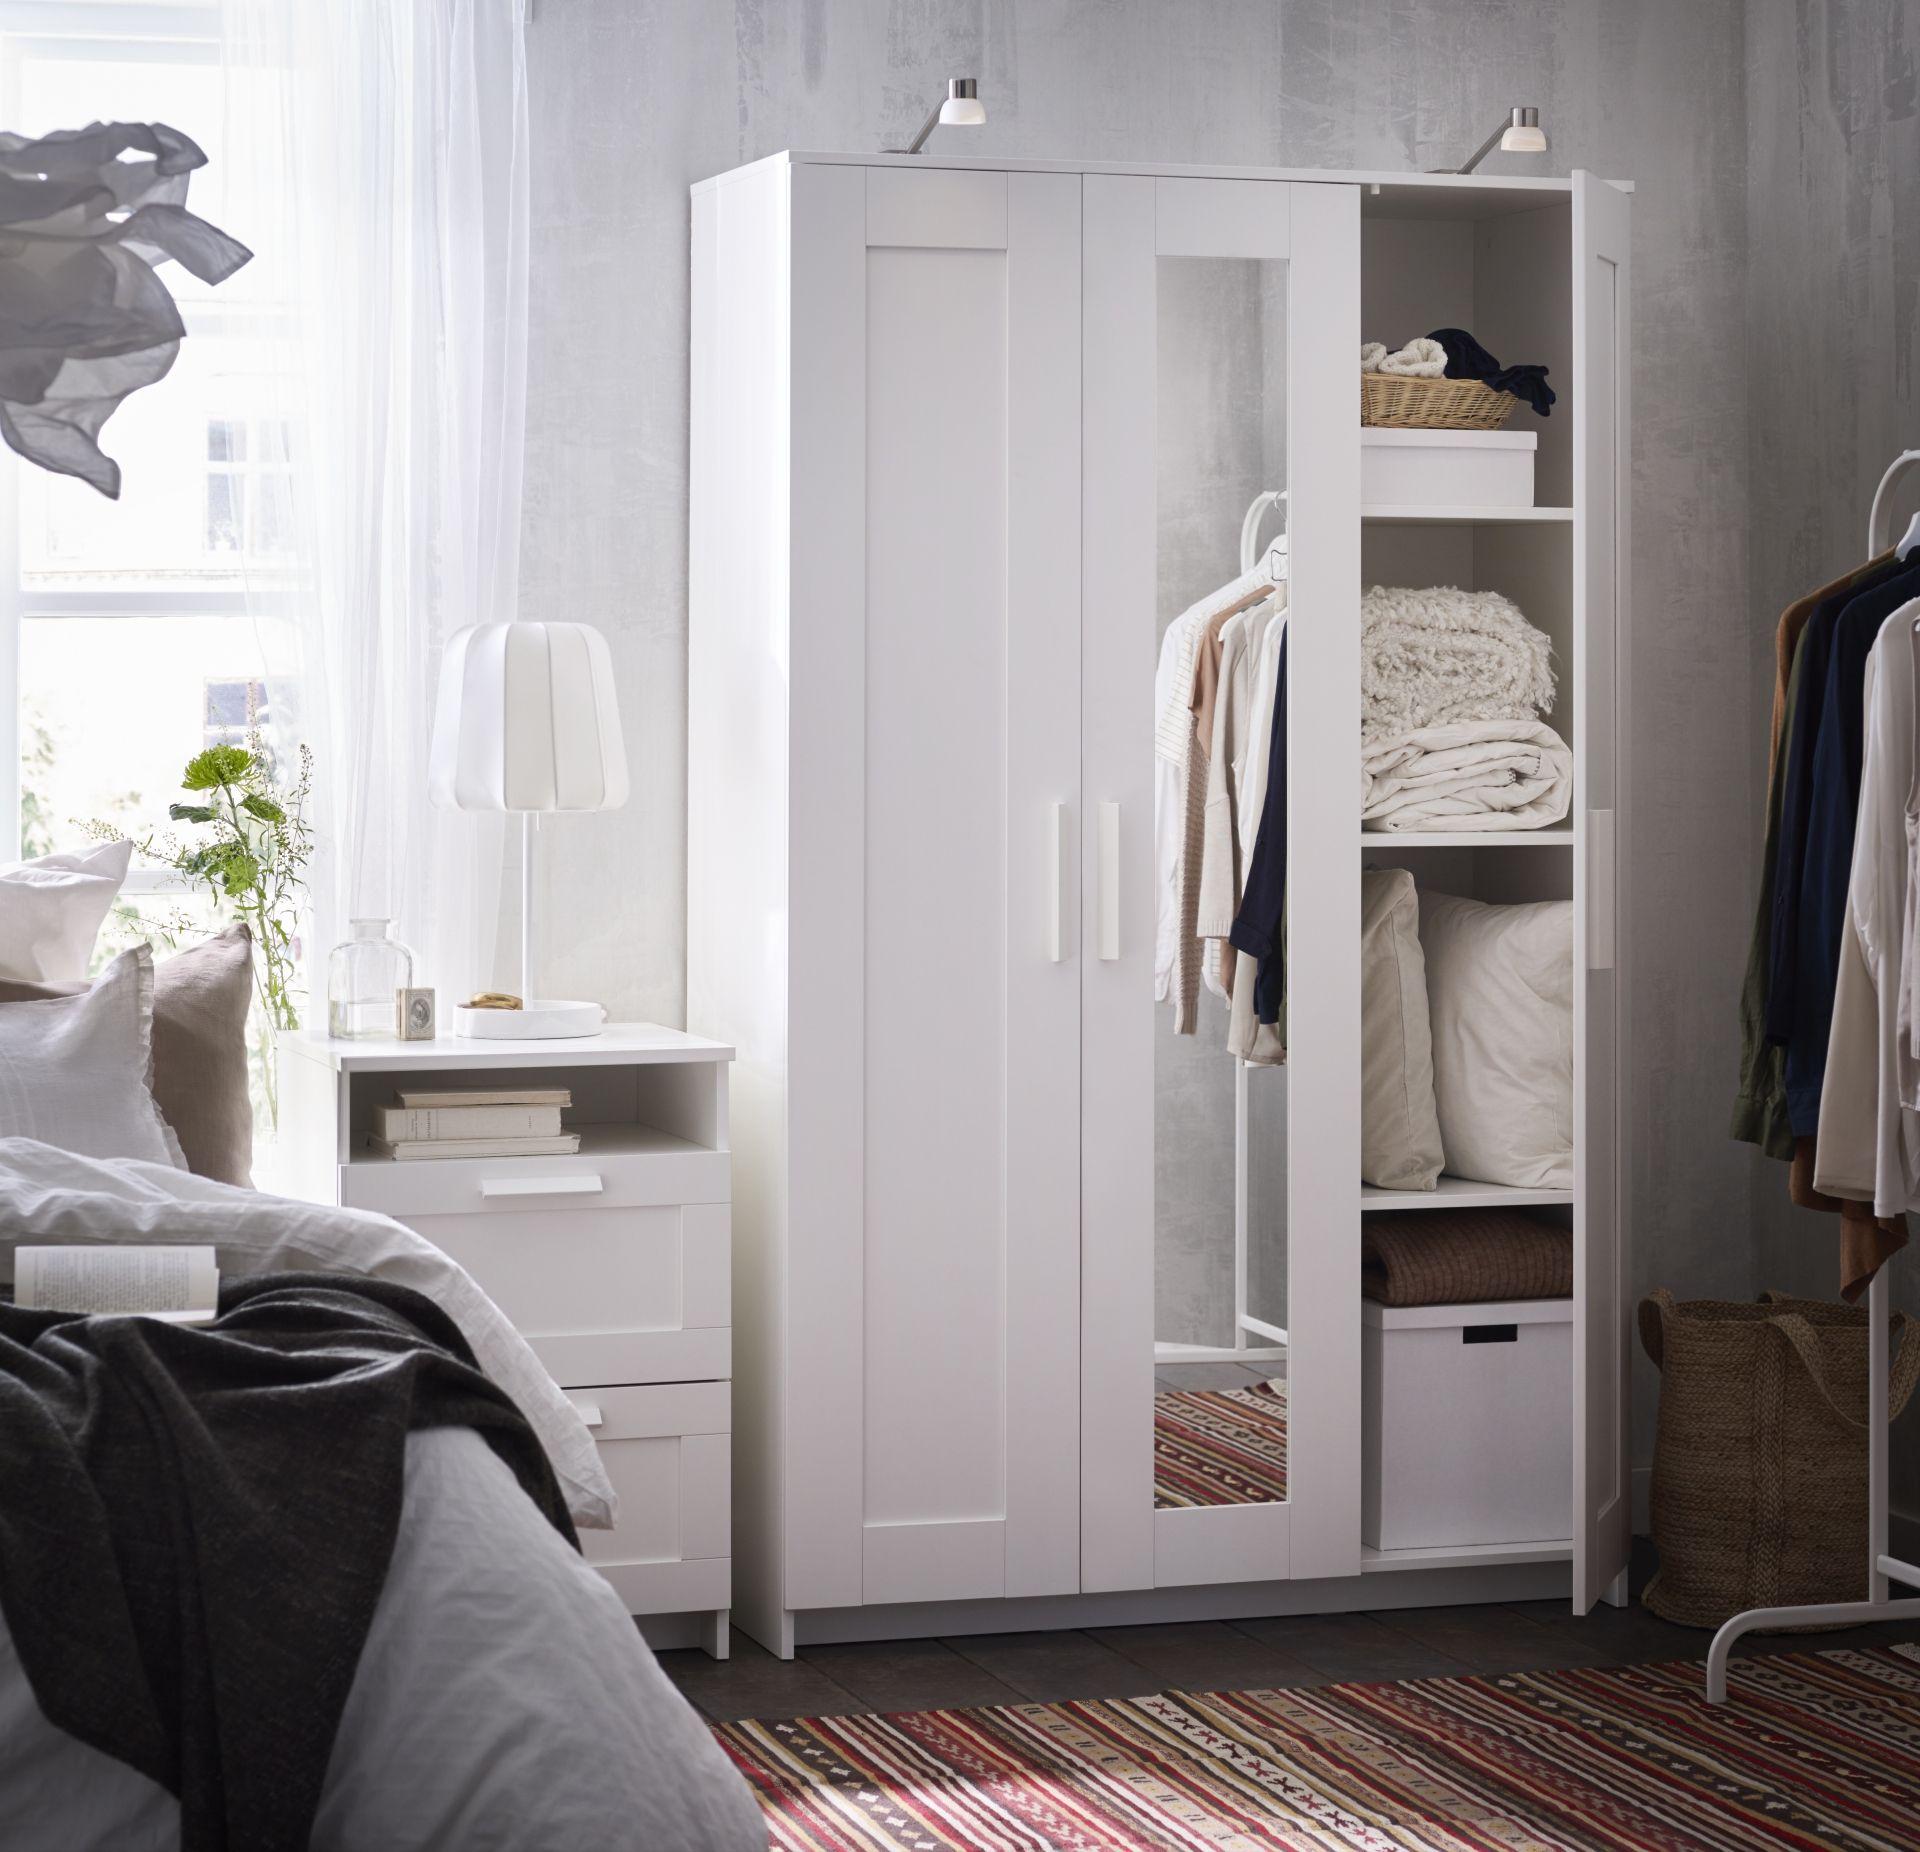 Mobel Einrichtungsideen Fur Dein Zuhause Brimnes Kleiderschrank Ikea Kleiderschrank Weiss Ikea Schrank